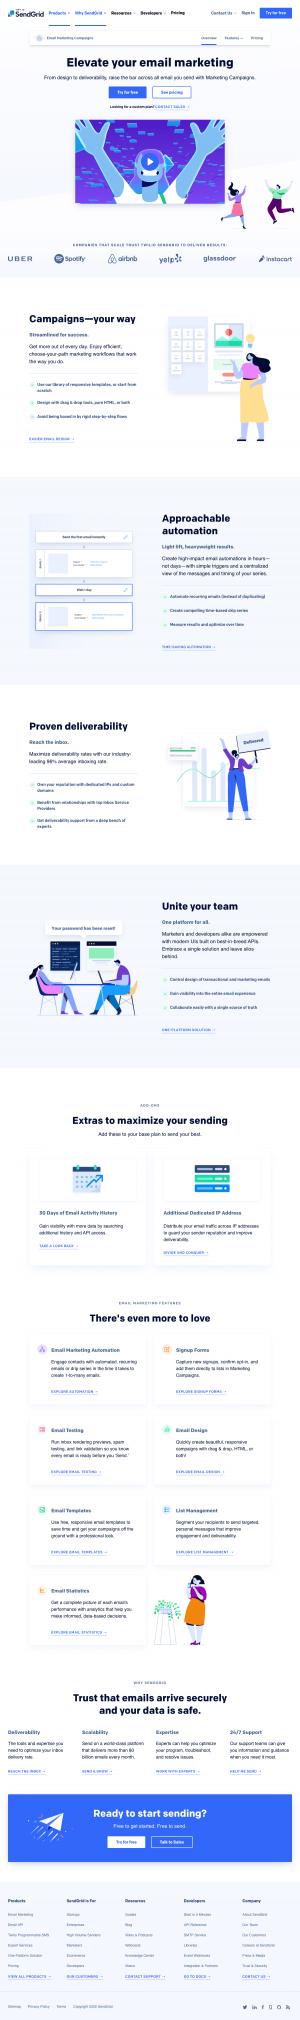 SendGrid – Features page